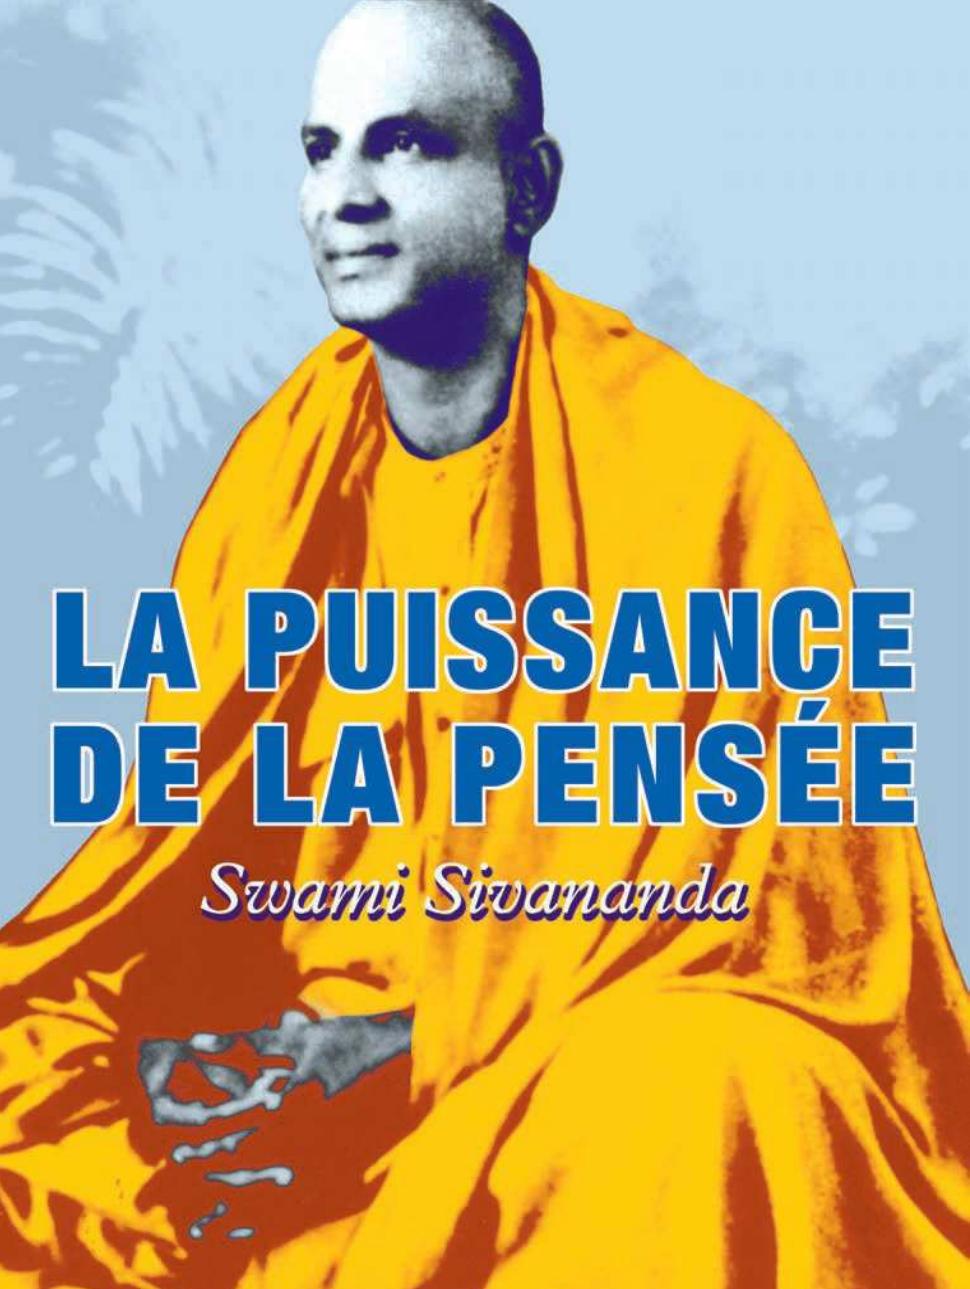 La Puissance de la Pensée </br>(En Frances)